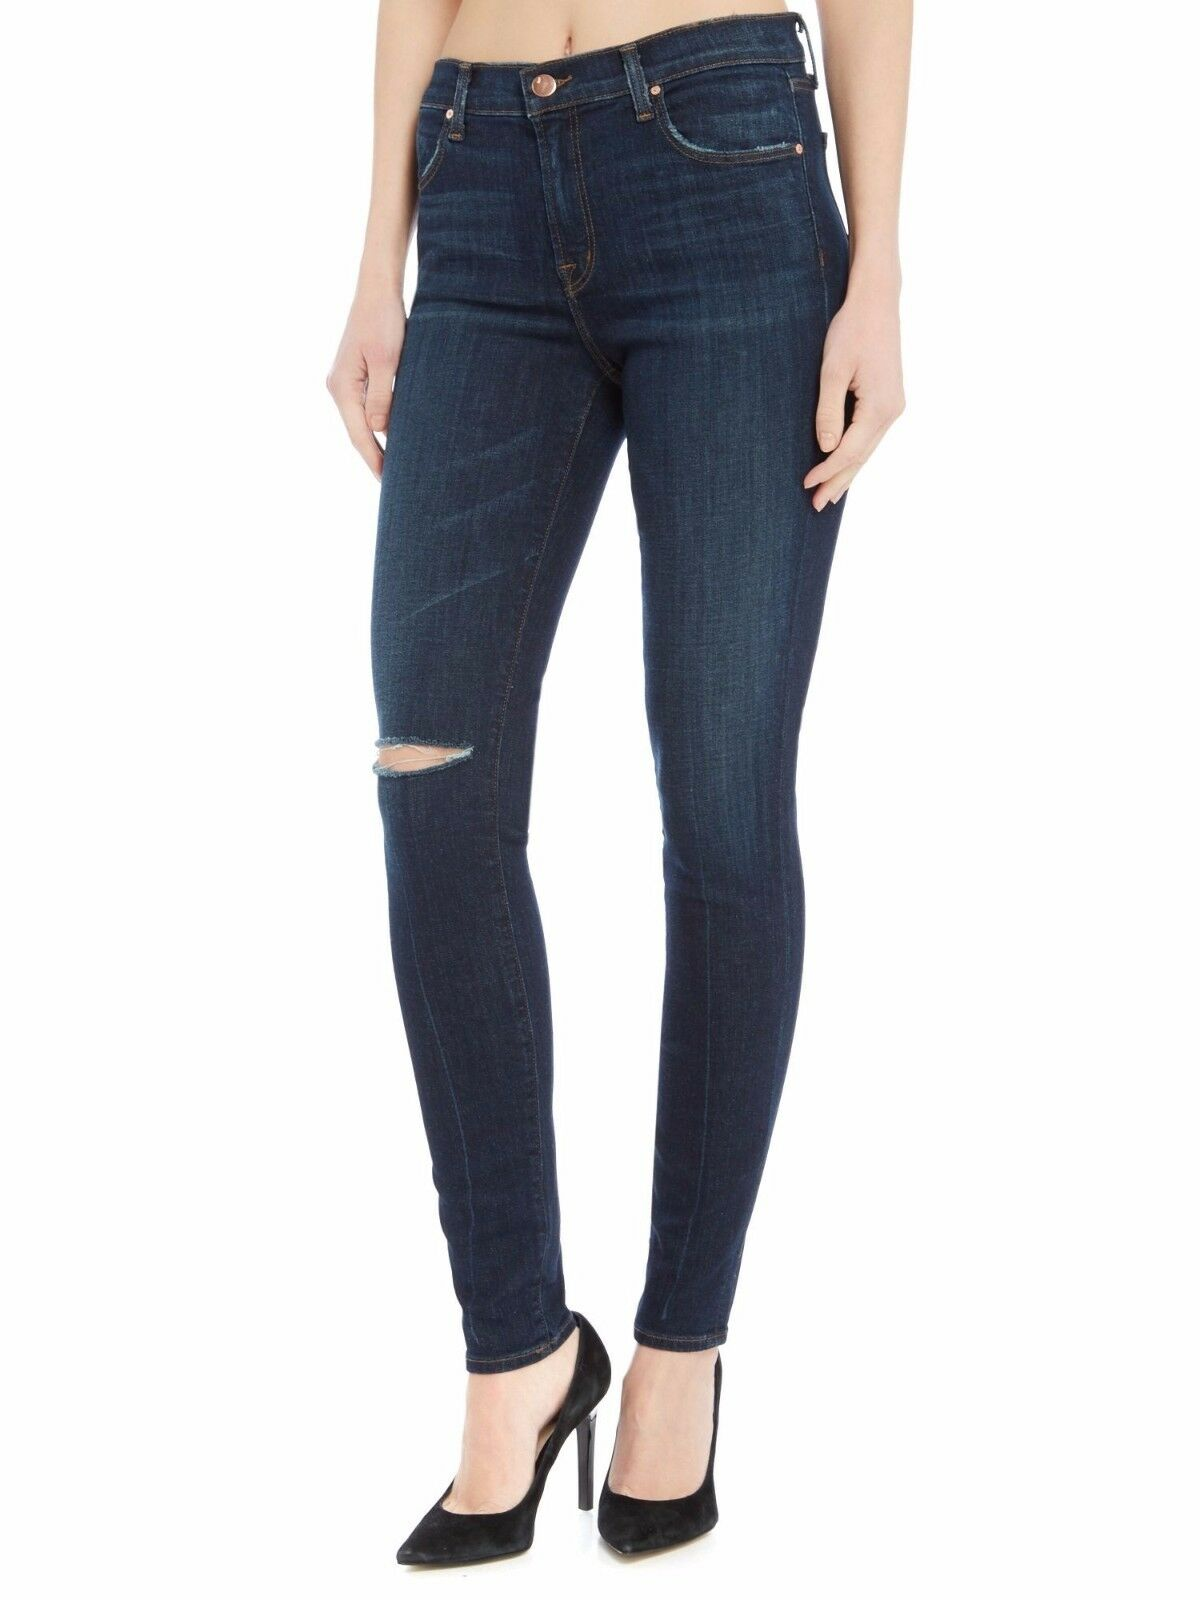 J Brand para mujeres Celebridad Disfraz destruyera Rip  Hasta la Rodilla Medio Pantalones Vaqueros Flacos  buscando agente de ventas